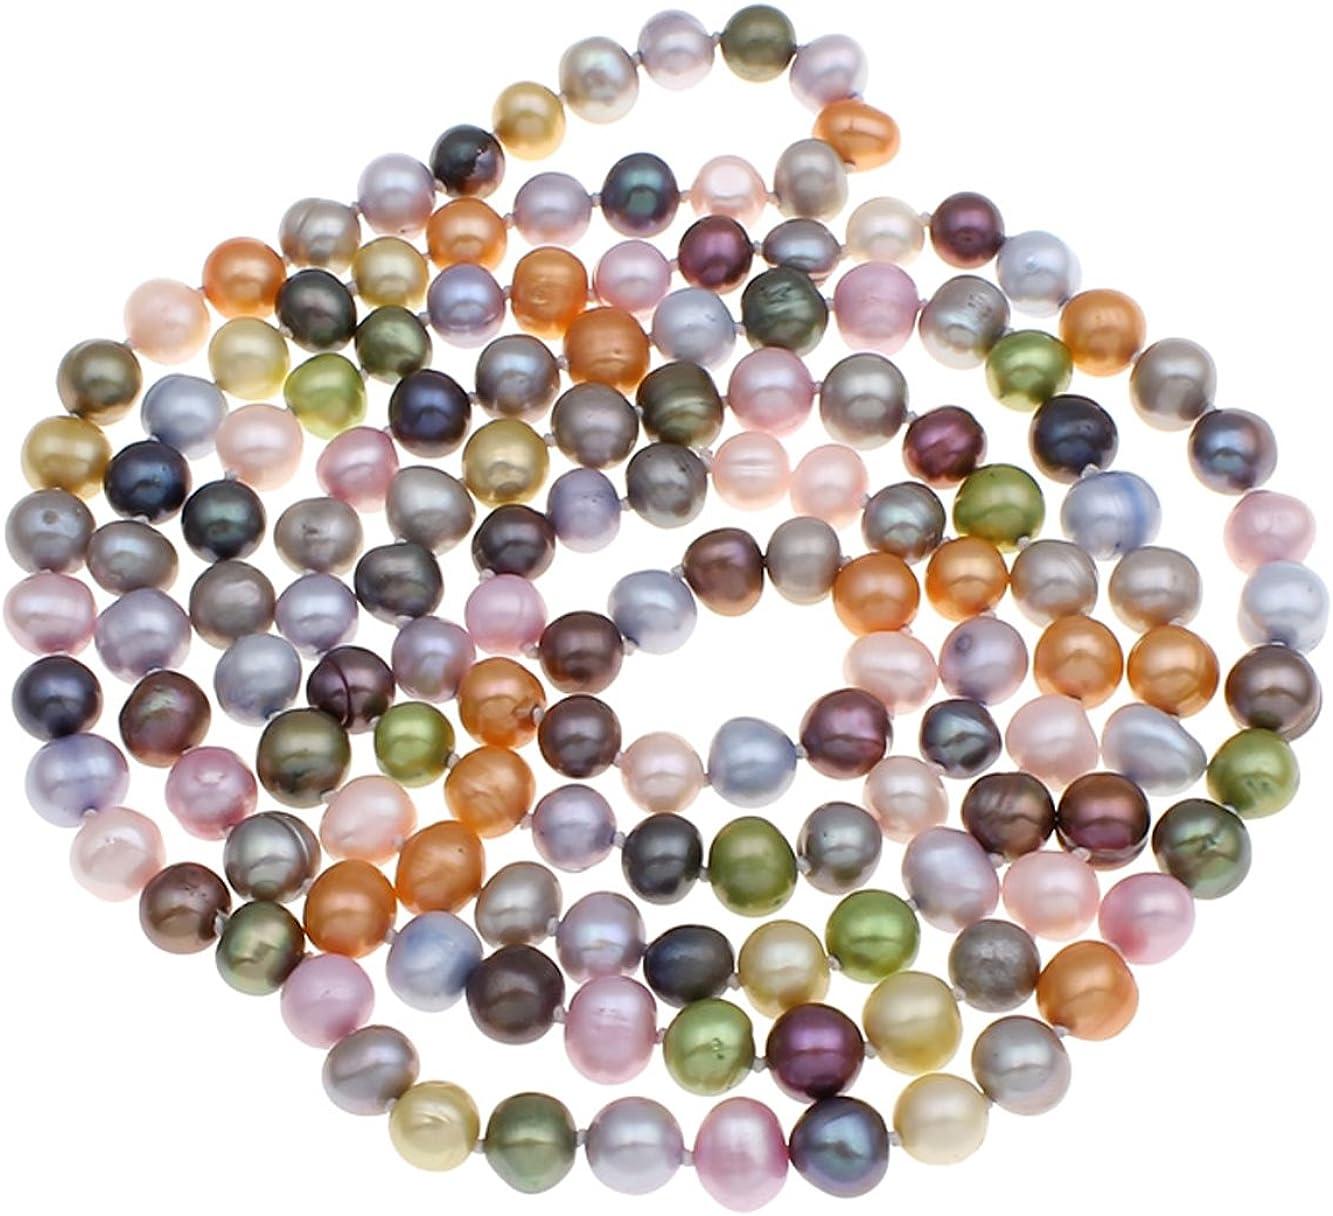 Collar de perlas cultivadas en agua dulce de la marca Treasurebay, naturales y multicolores, estilo elegante y clásico, de 120 cm, formato 5 en 1. Incluye estuche